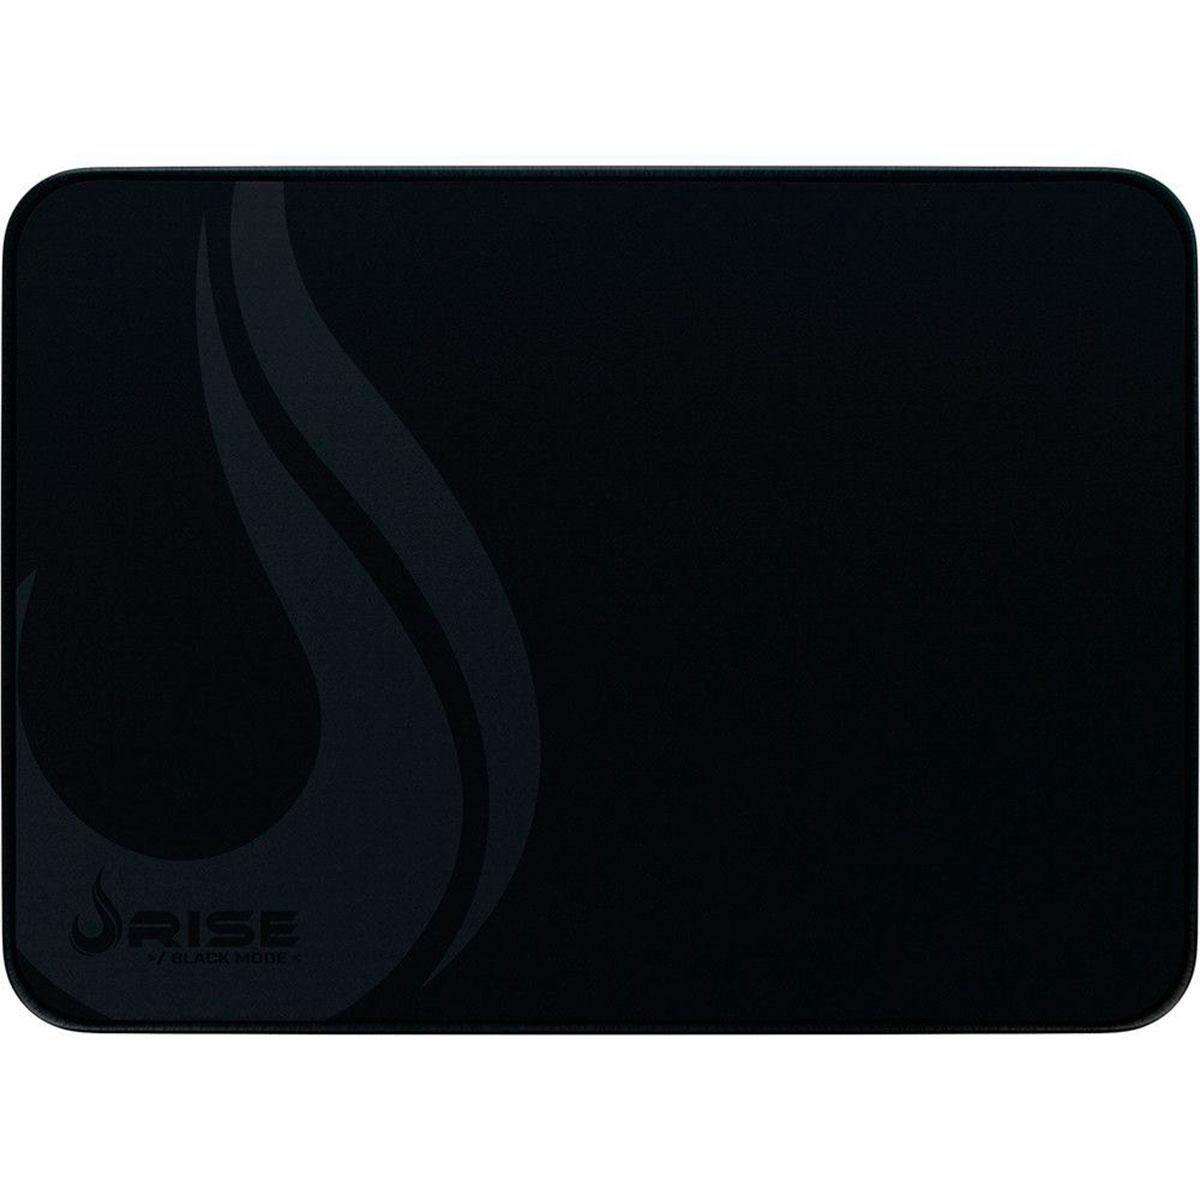 Mouse Pad Rise Mode Full Black - Grande RG-MP-05-BK